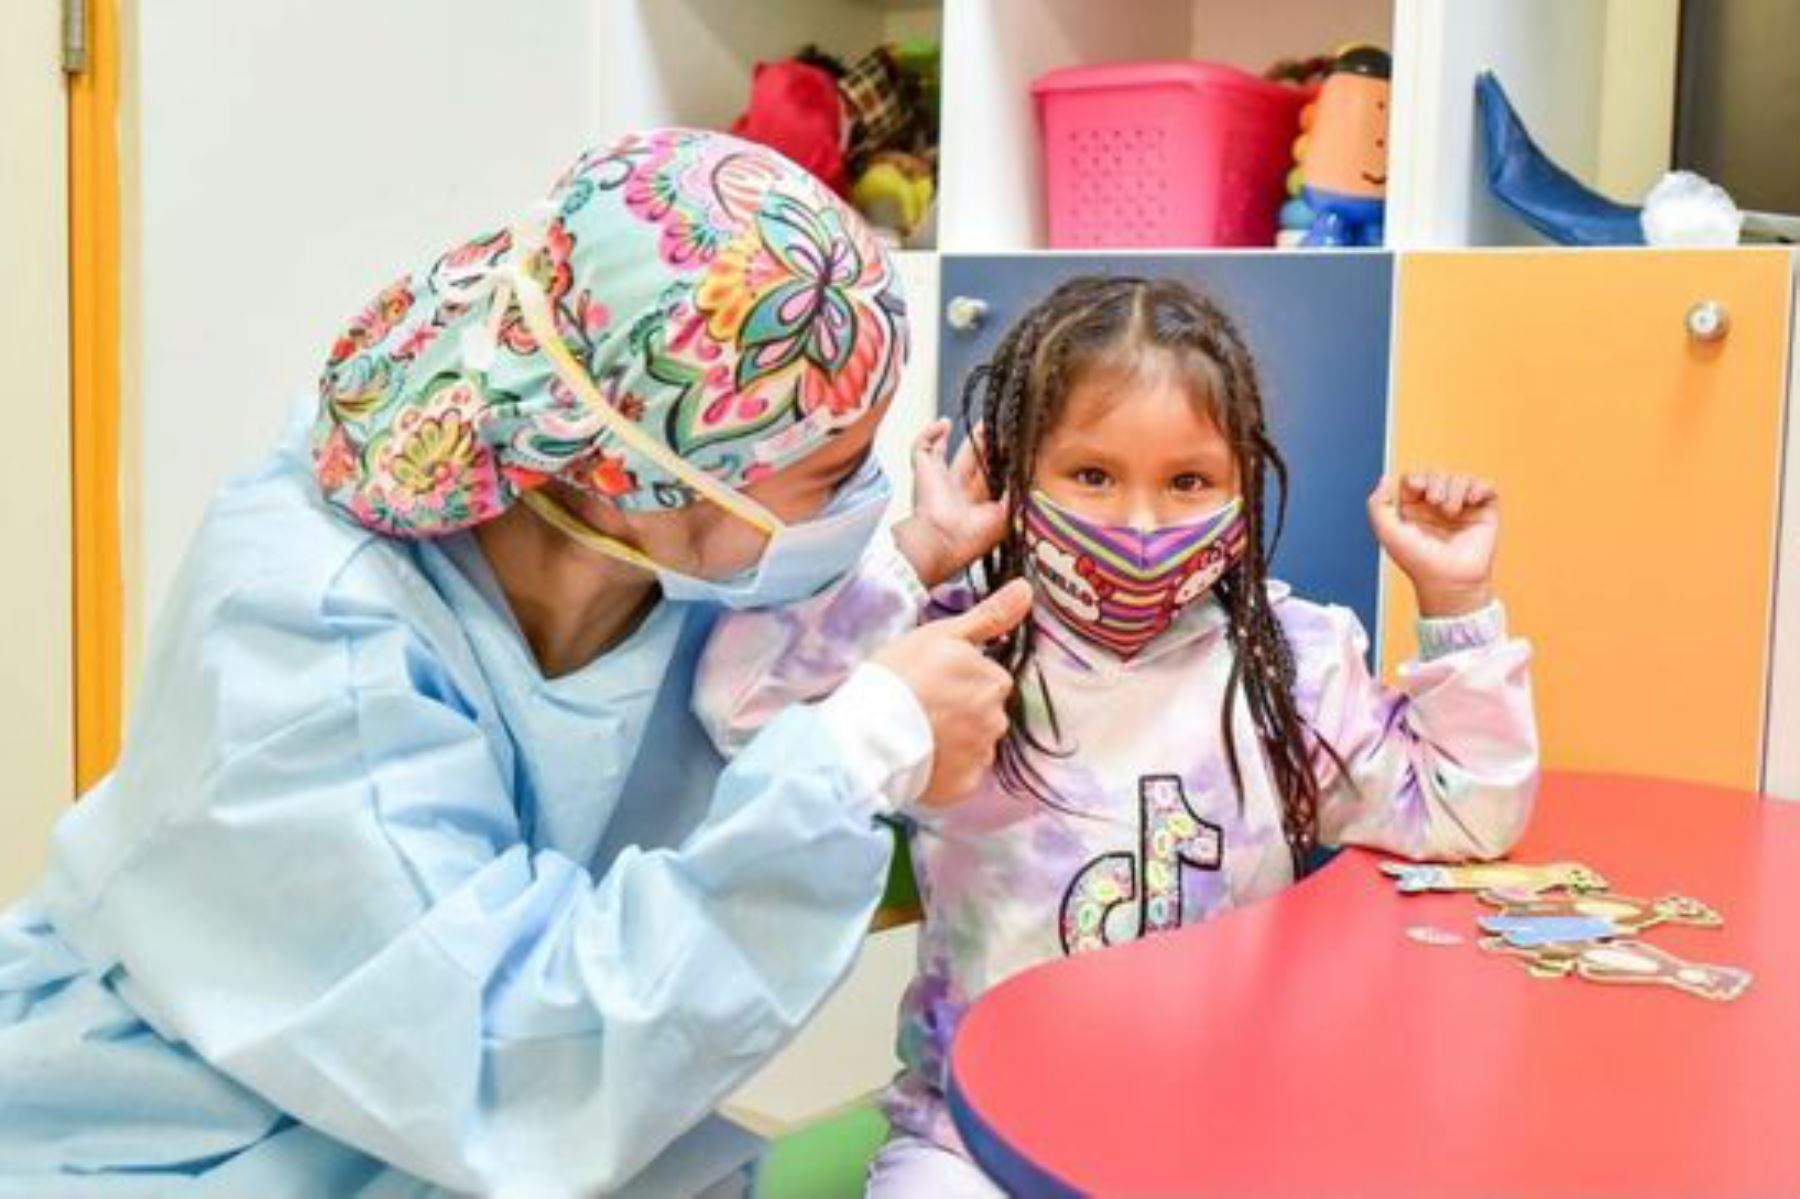 En el Perú, de cada mil niños nacidos al año, cinco tienen algún grado de disminución auditiva y 2 de ellos presentan sordera. Ellos requieren de un implante coclear antes de los 5 años, de lo contrario tendrán una discapacidad auditiva. Foto: ANDINA/Minsa